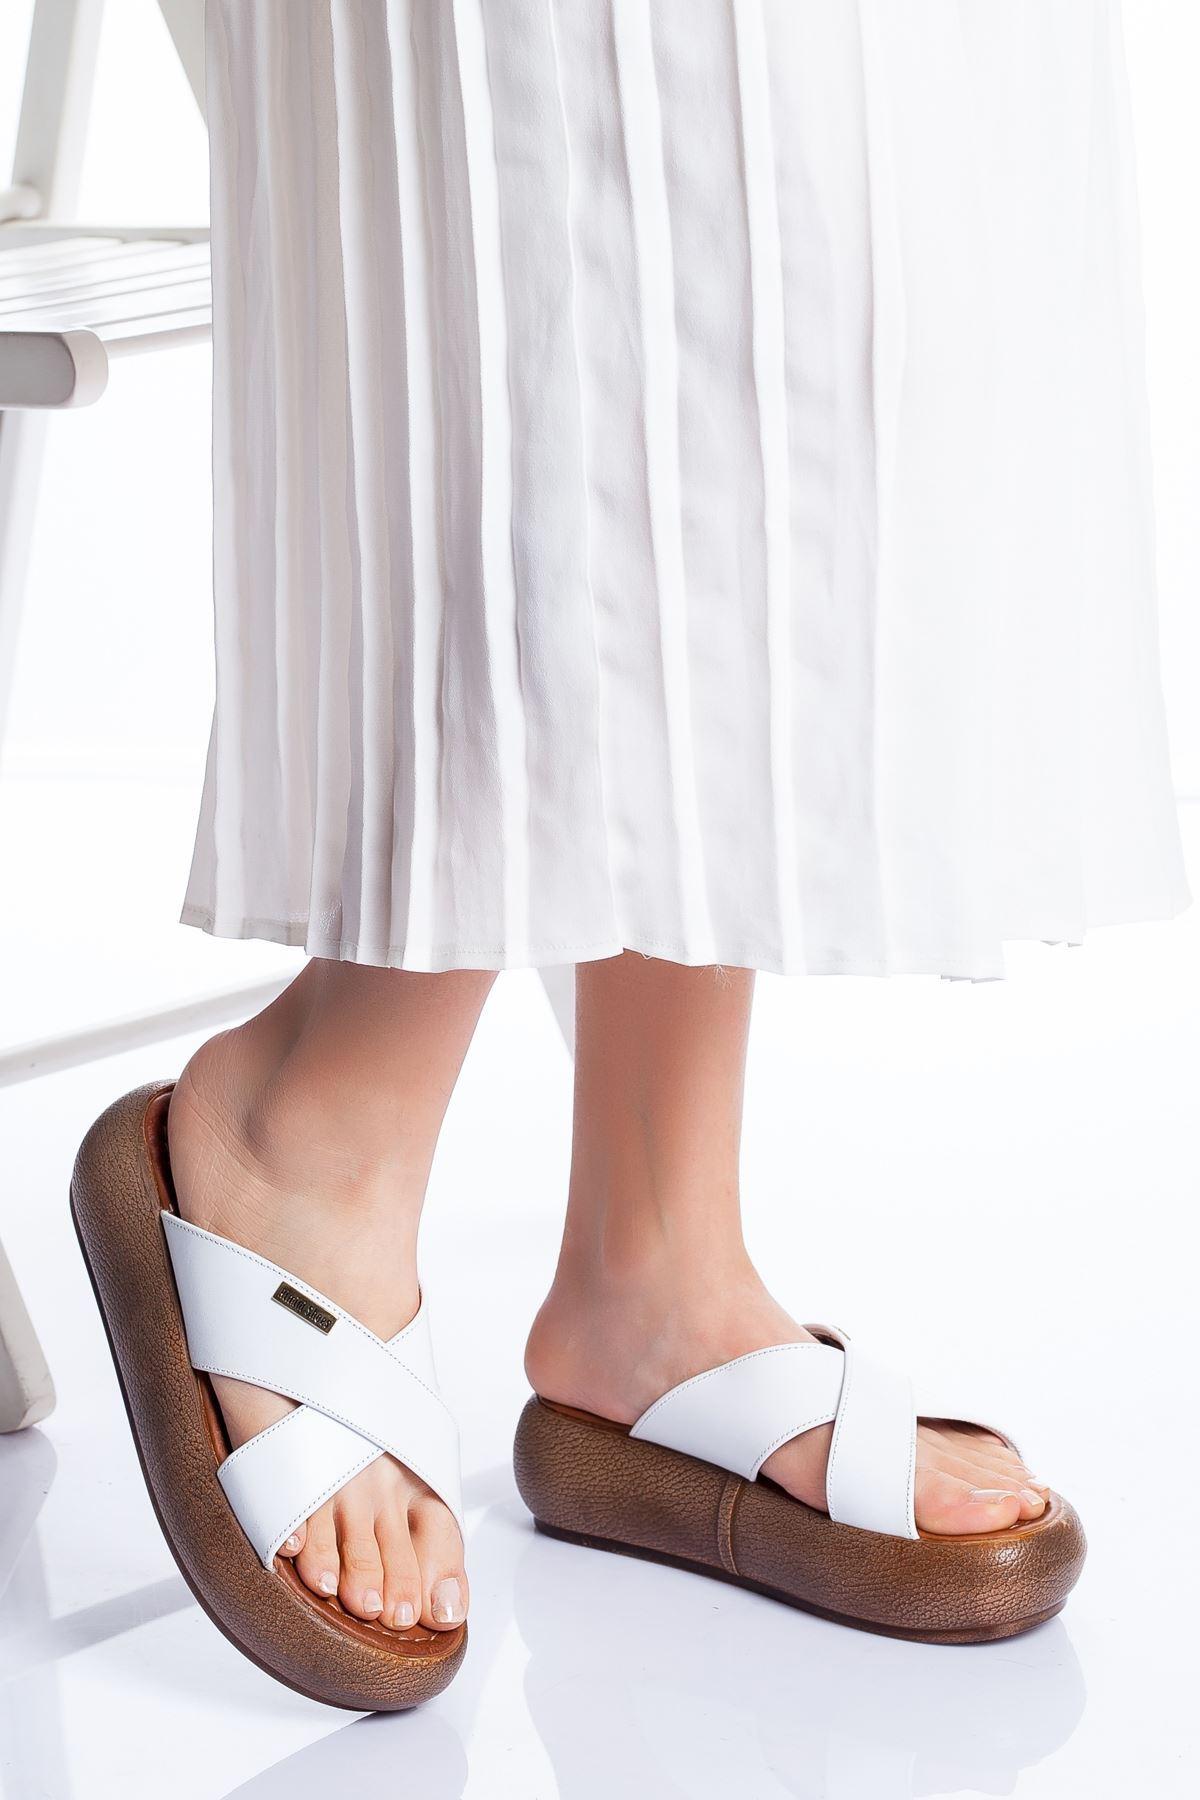 Carey Hakiki Deri Sandalet BEYAZ